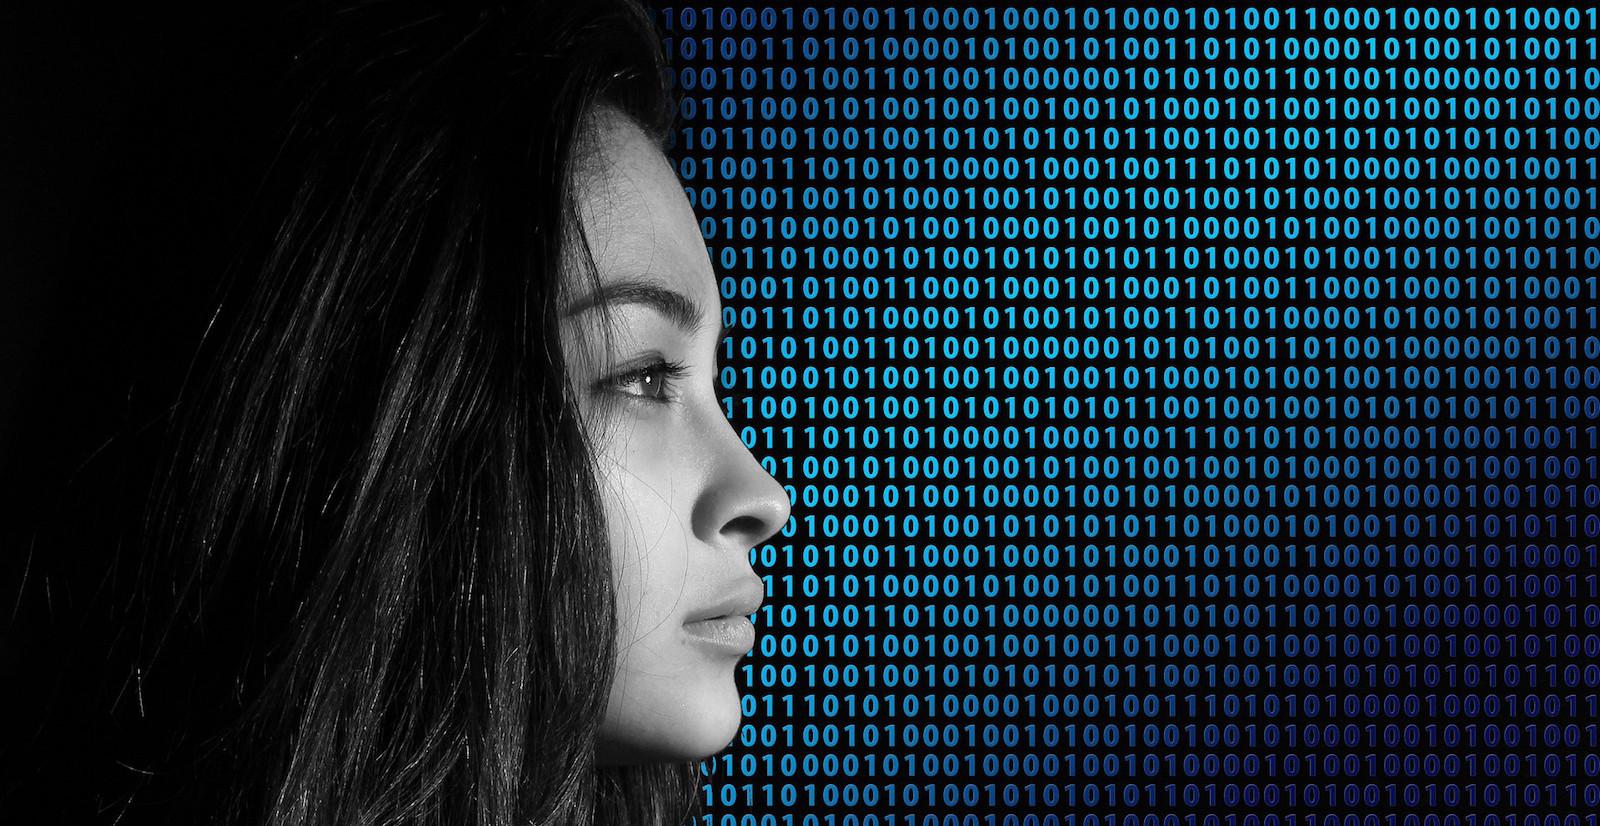 Datenschutz beim Surfen im Internet